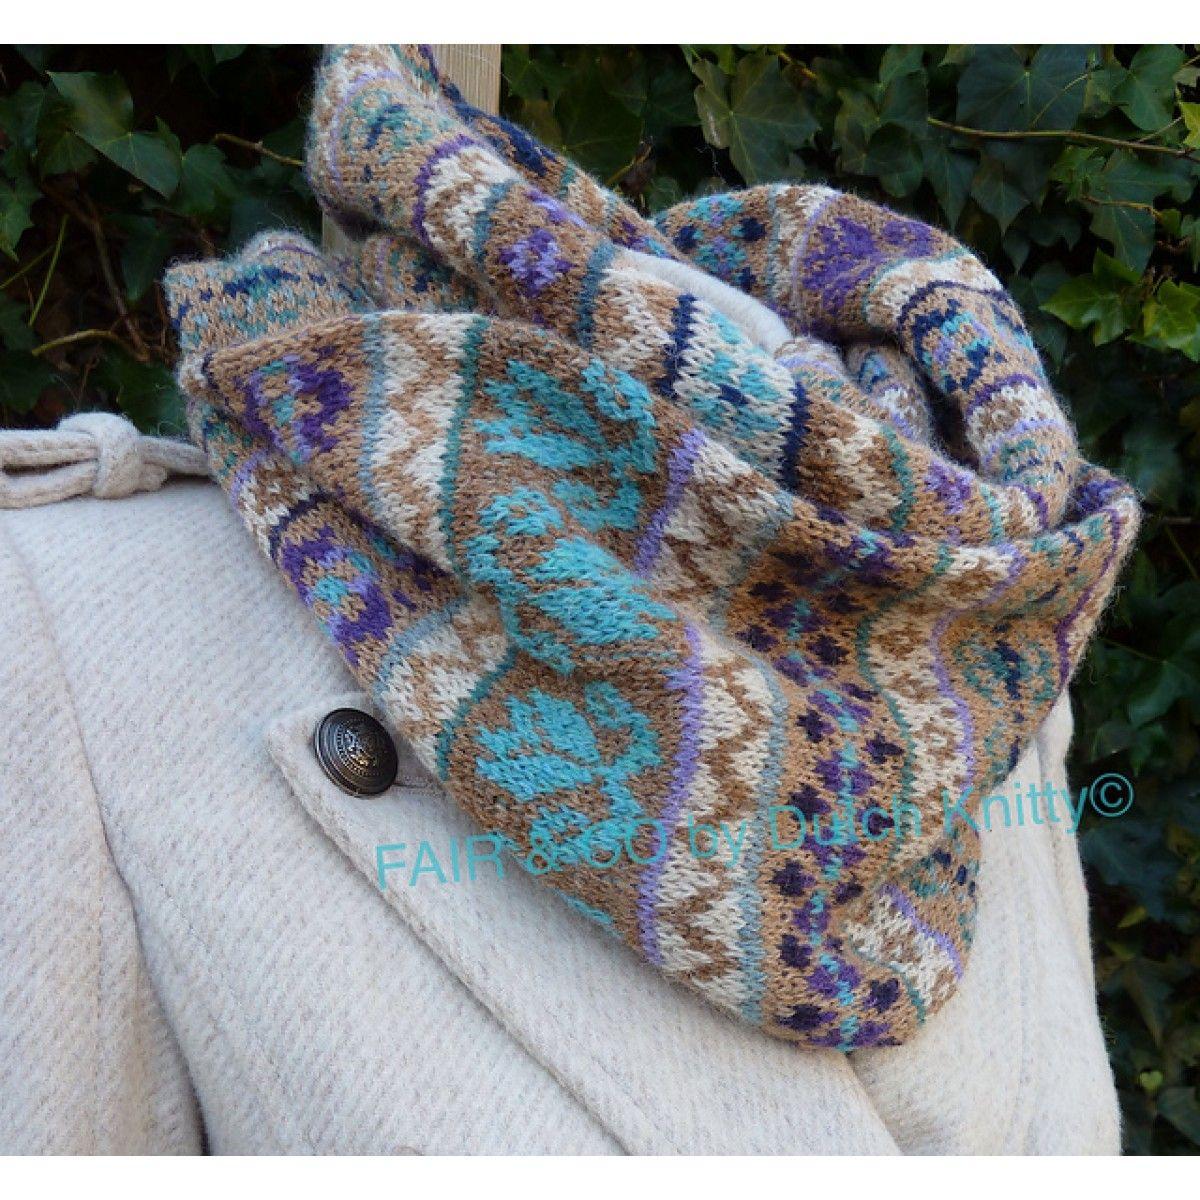 Fair & Co by Dutch Knitty: een prachtige col sjaal gebreid met Holst Garn Supersoft.